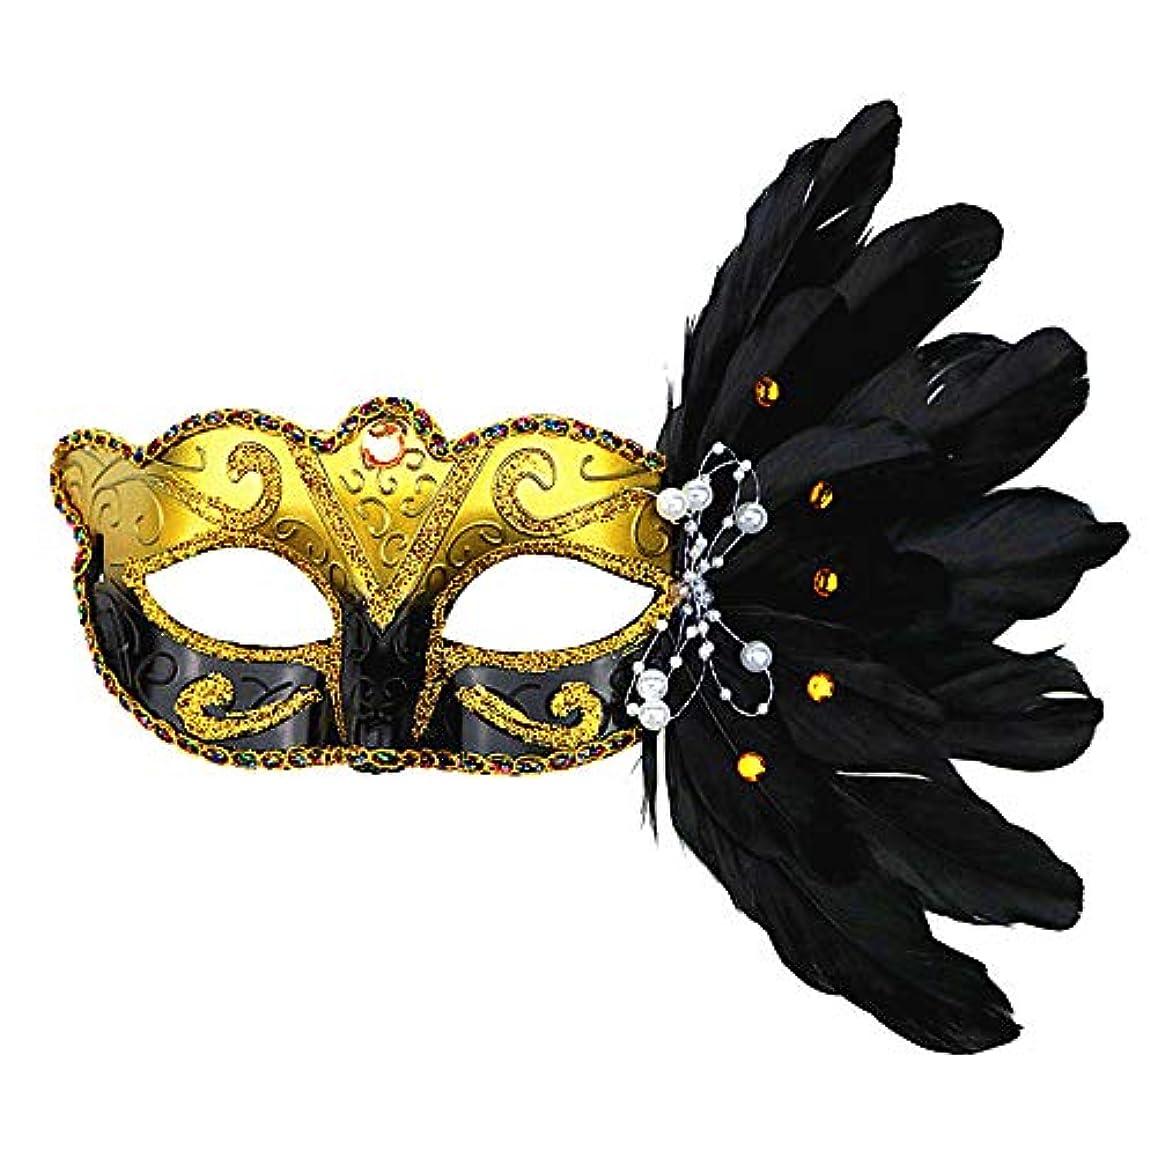 適性限りカウントAuntwhale ハロウィーンマスク大人恐怖コスチューム、ペイントフェザーファンシーマスカレードパーティーハロウィンマスク、フェスティバル通気性ギフトヘッドマスク